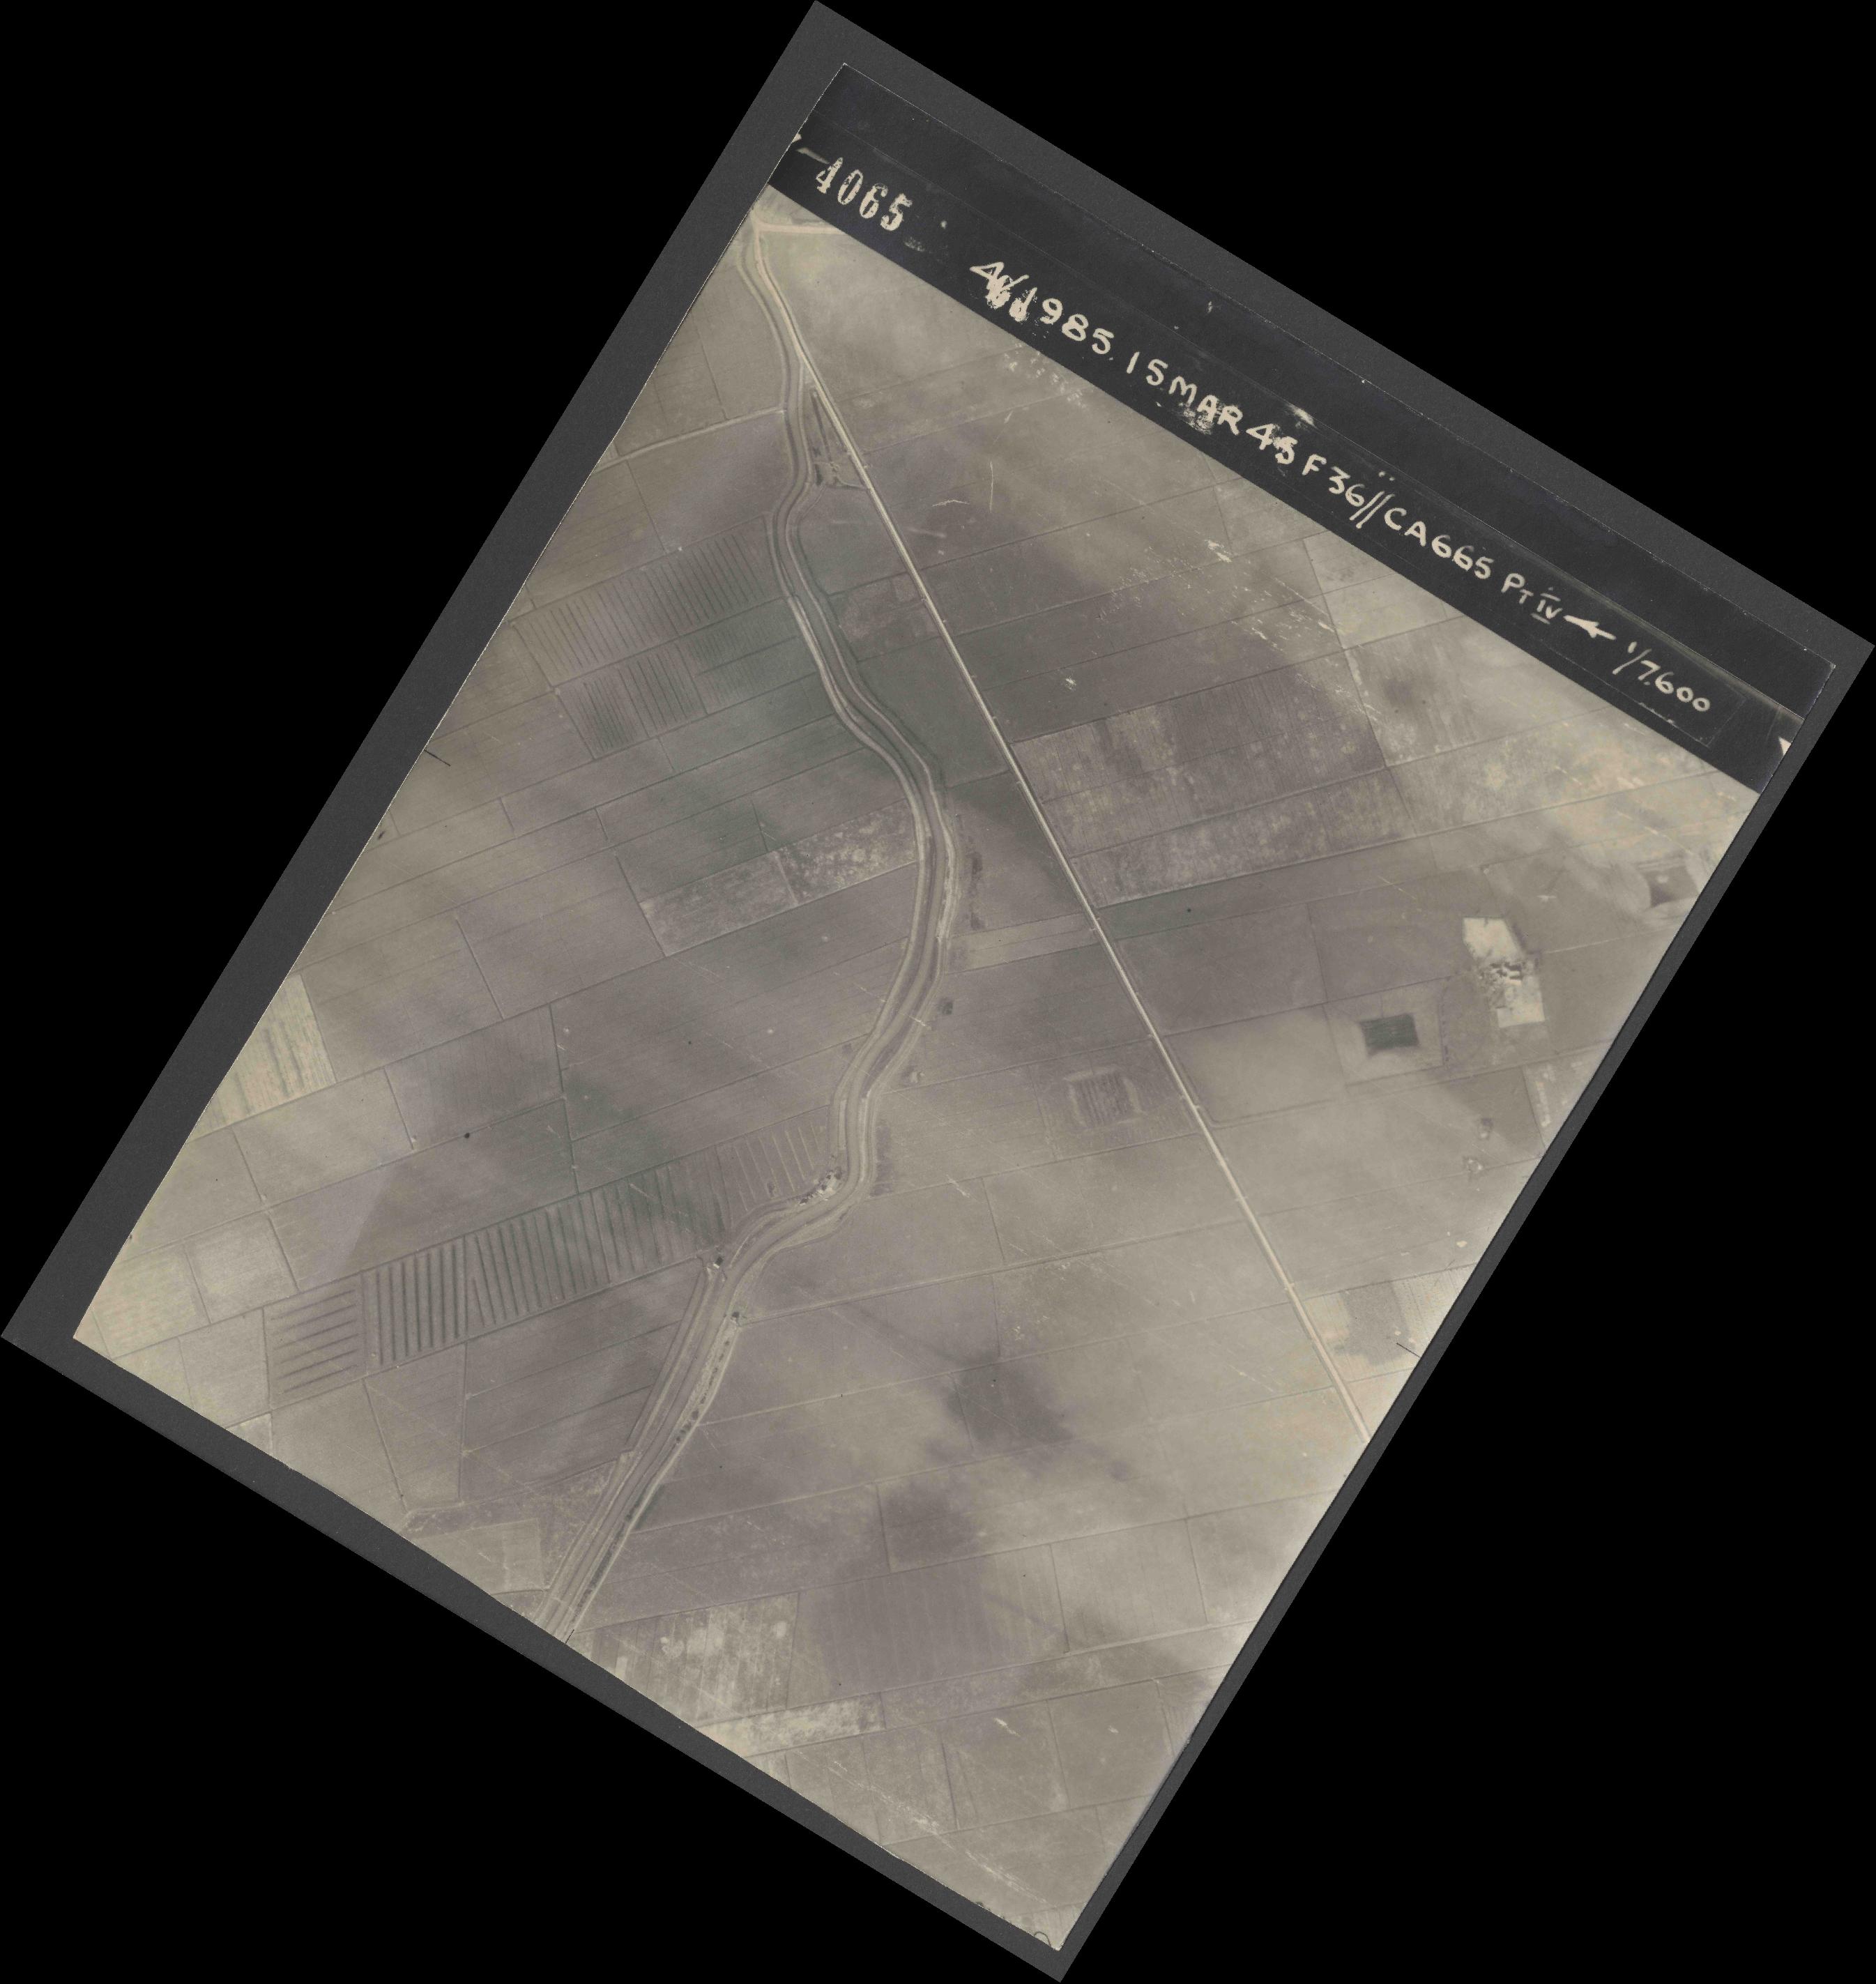 Collection RAF aerial photos 1940-1945 - flight 059, run 03, photo 4065